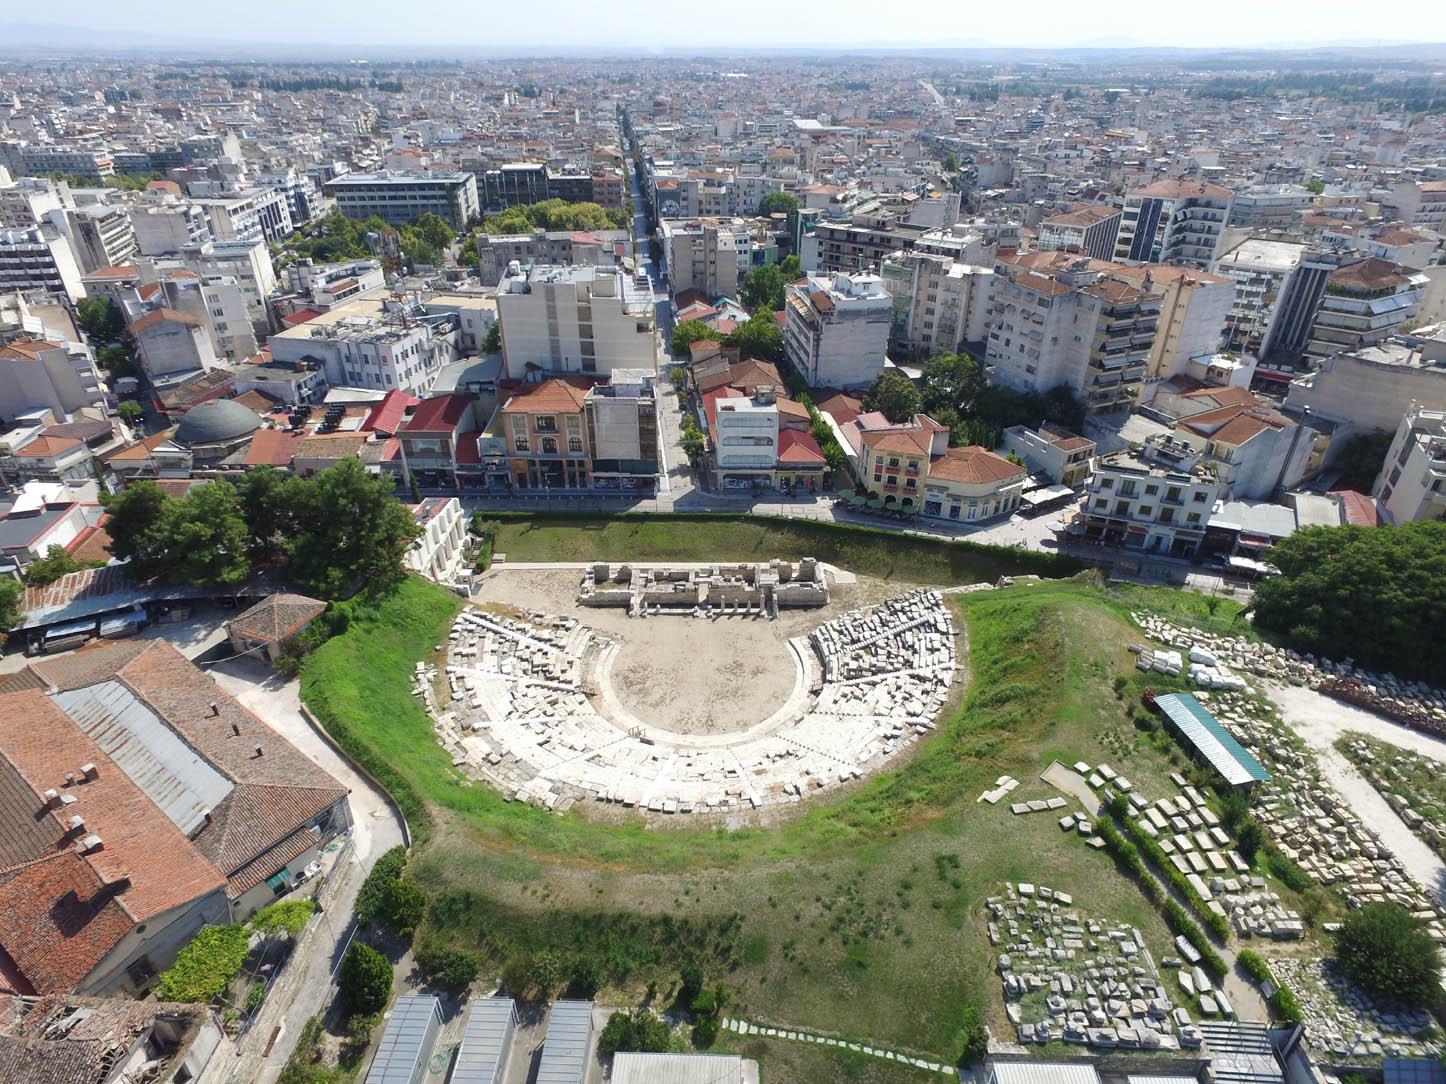 Αρχαίο Θέατρο Λάρισας: «Μπούσουλας» η πρώτη κατεδάφιση